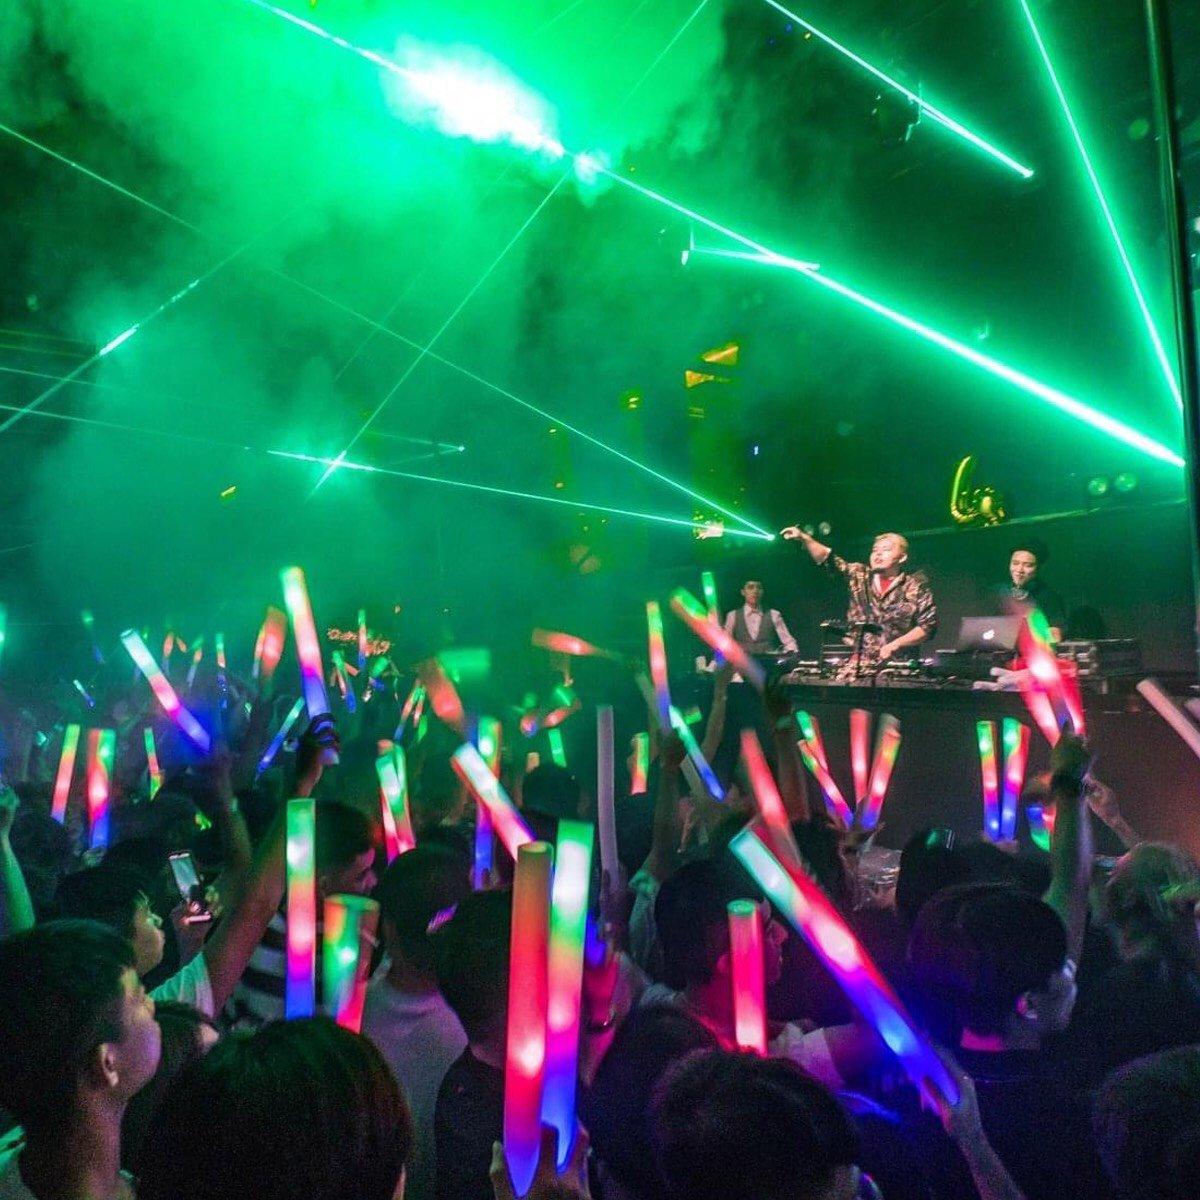 DJ and spotlight